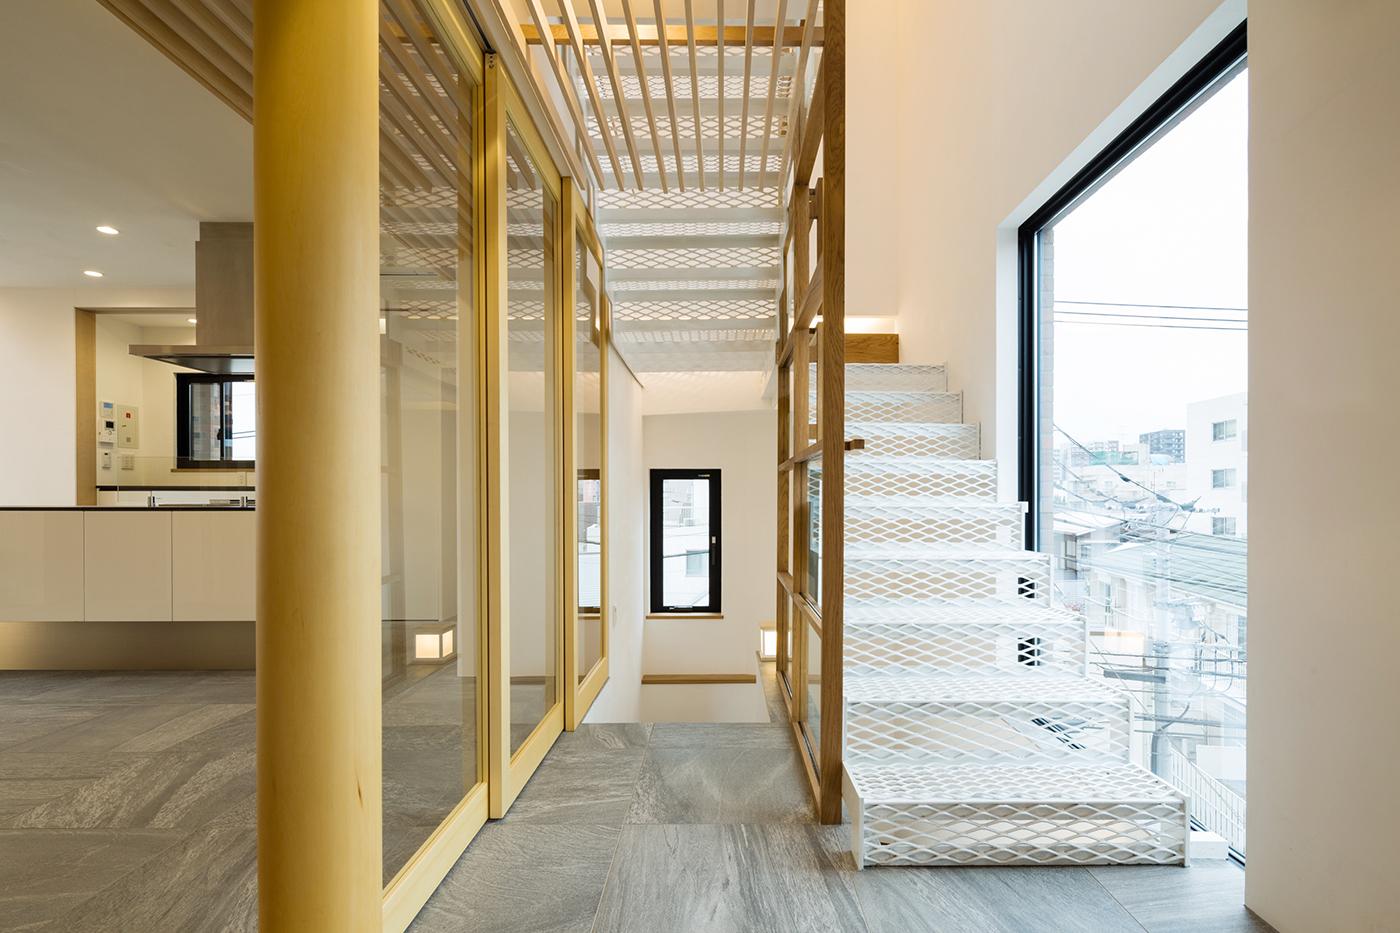 東京、品川区、神奈川県、一級建築士事務所、建築家、N&C、打ち放し、広いリビング、天井が高い、木の空間、漆喰壁、鉄骨階段、エキスパンドメタル